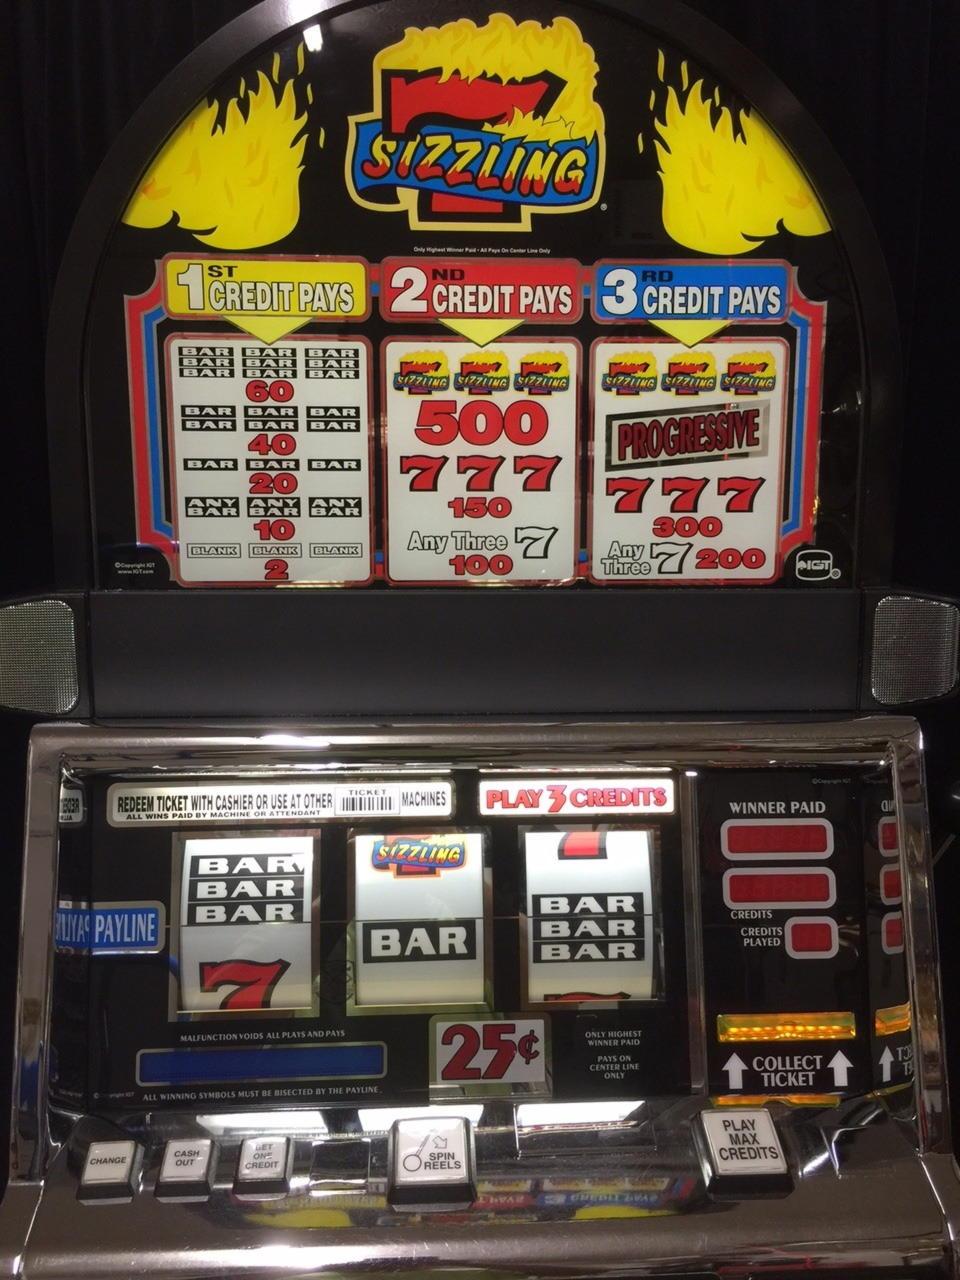 455% Best Signup Bonus Casino at Casino Dingo